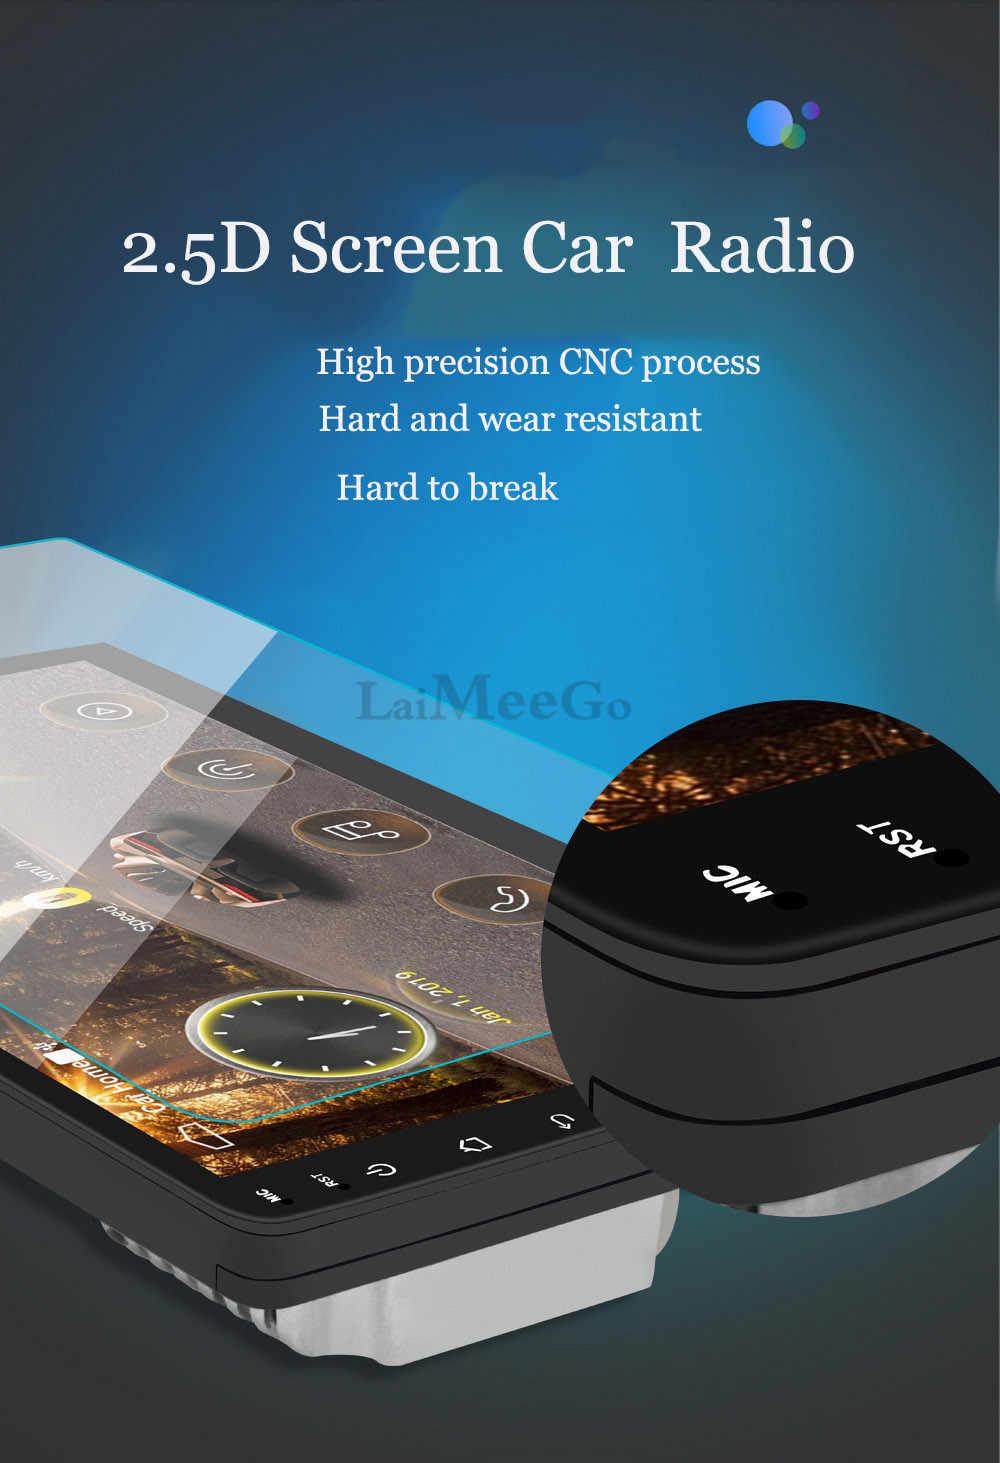 """2din カーラジオ 9 10.1 """"インチ Android システムオートステレオ 2.5D 容量性スクリーン、ブルートゥース無線 Lan GPS クアッドコアユニバーサル車"""